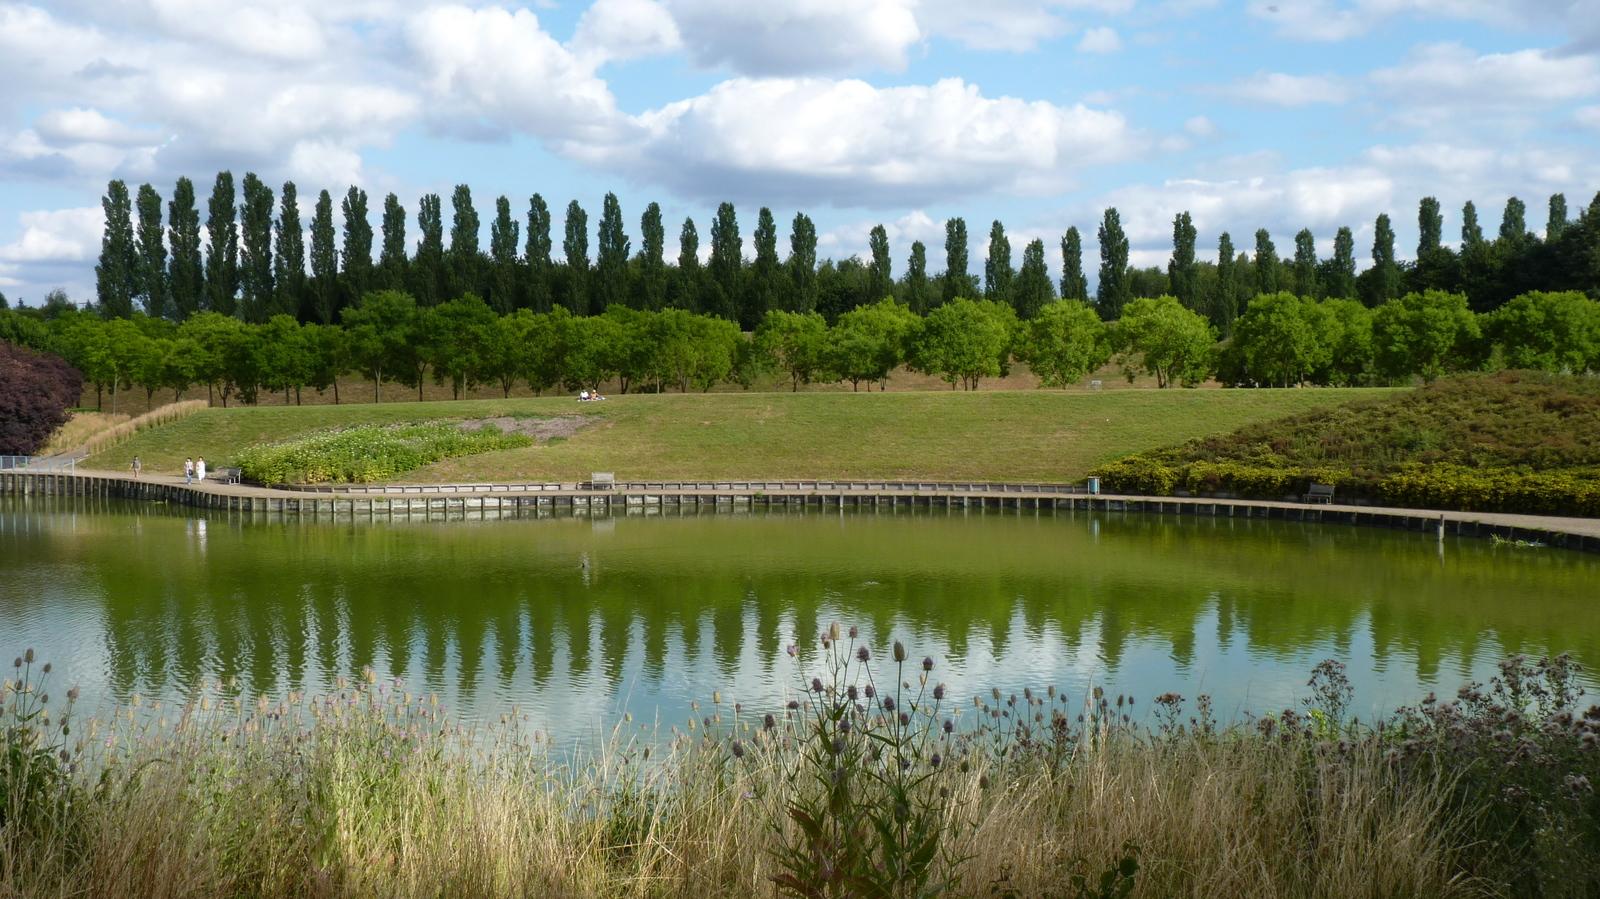 Impressions Parc du Saussest - Photo - Constant JOSSE